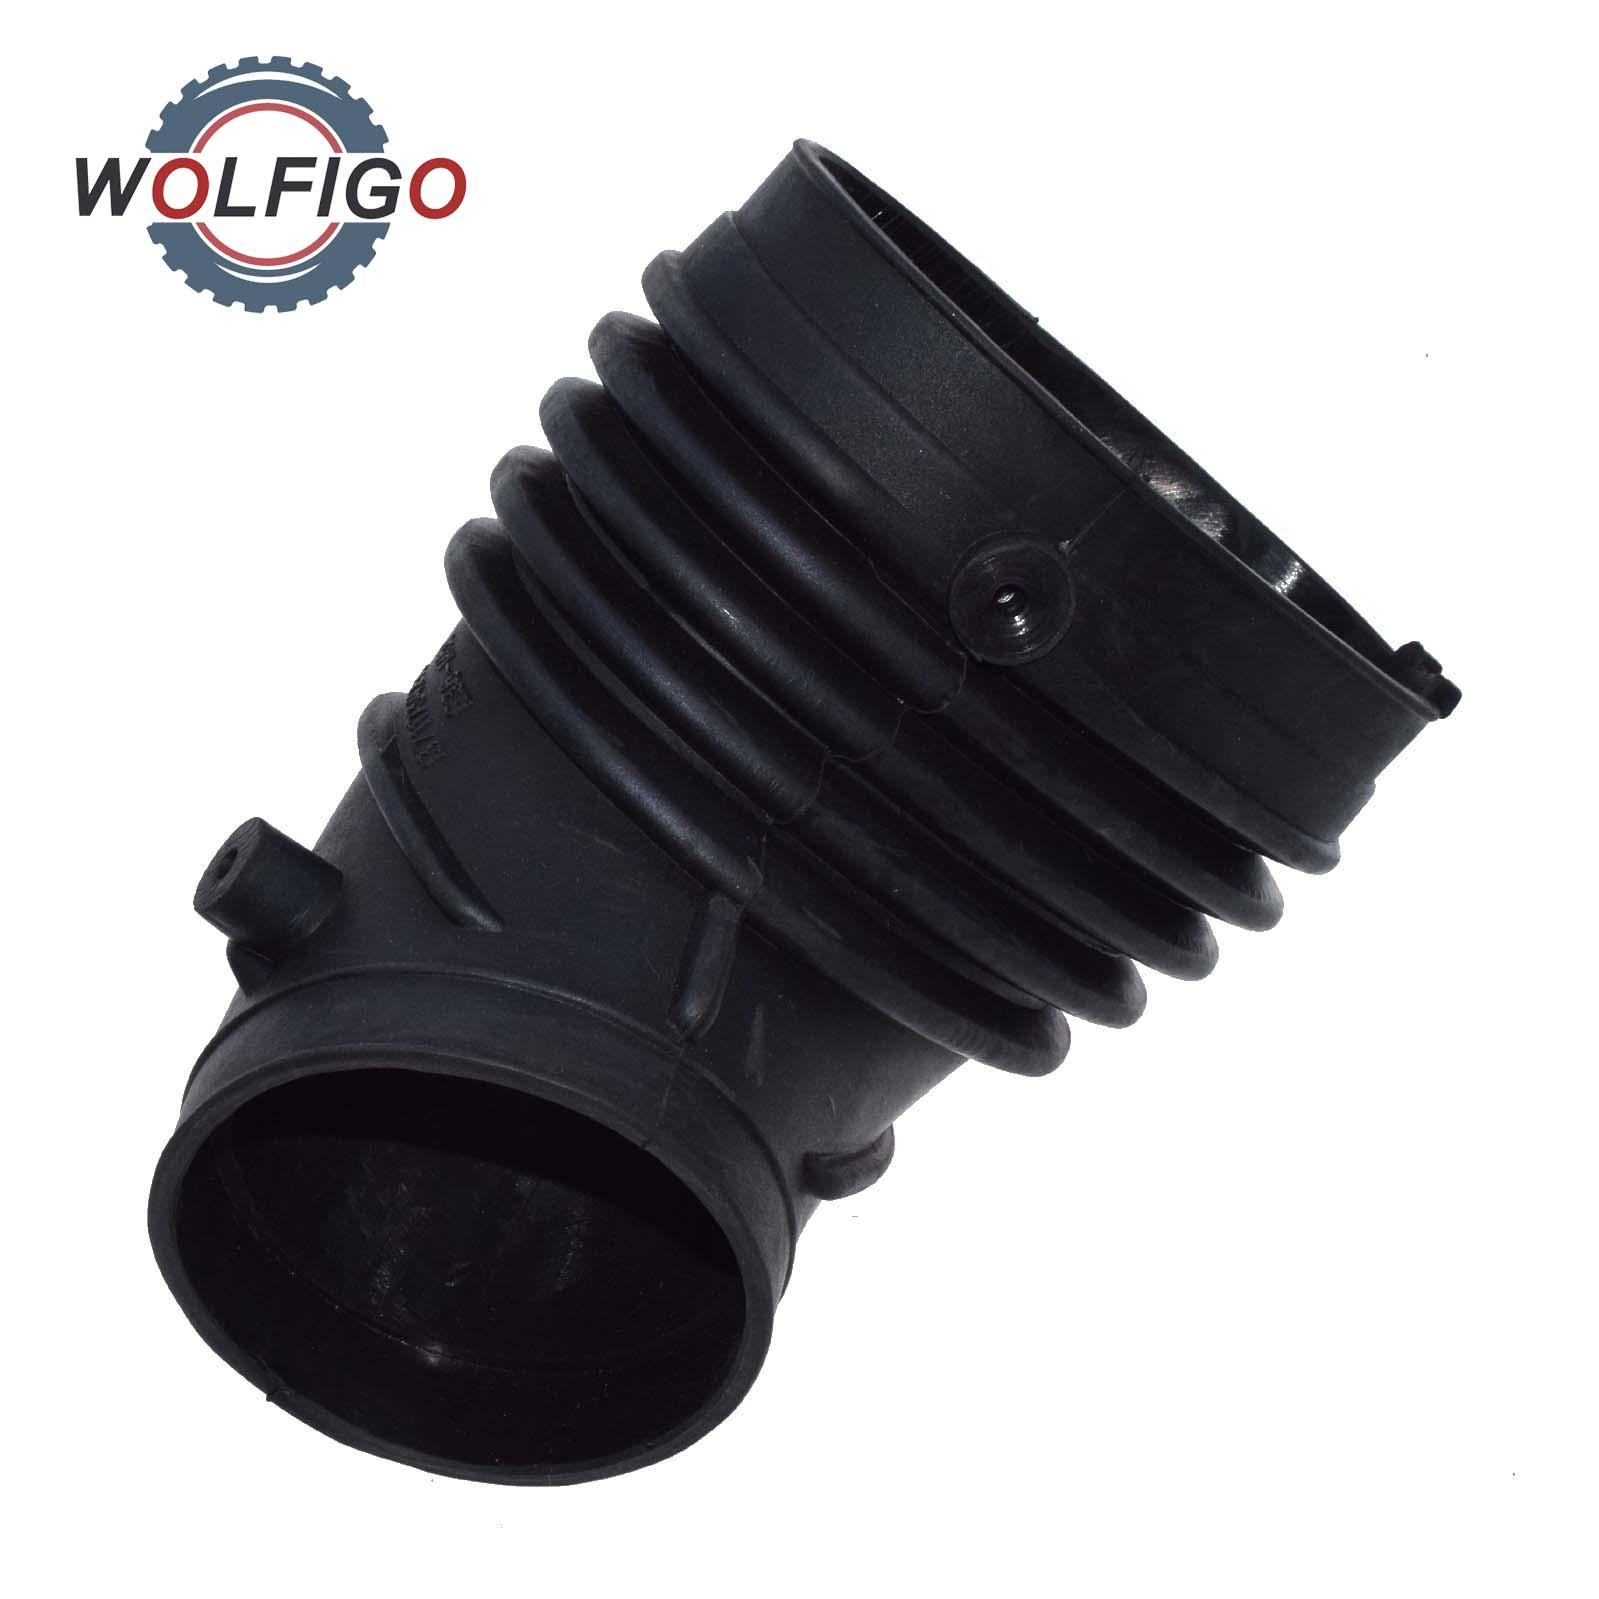 WOLFIGO Новый расходомер воздуха загрузки впускной шланг дроссельной заслонки для BMW E36 318i 318is E36 1.8L 1992 1993 1994